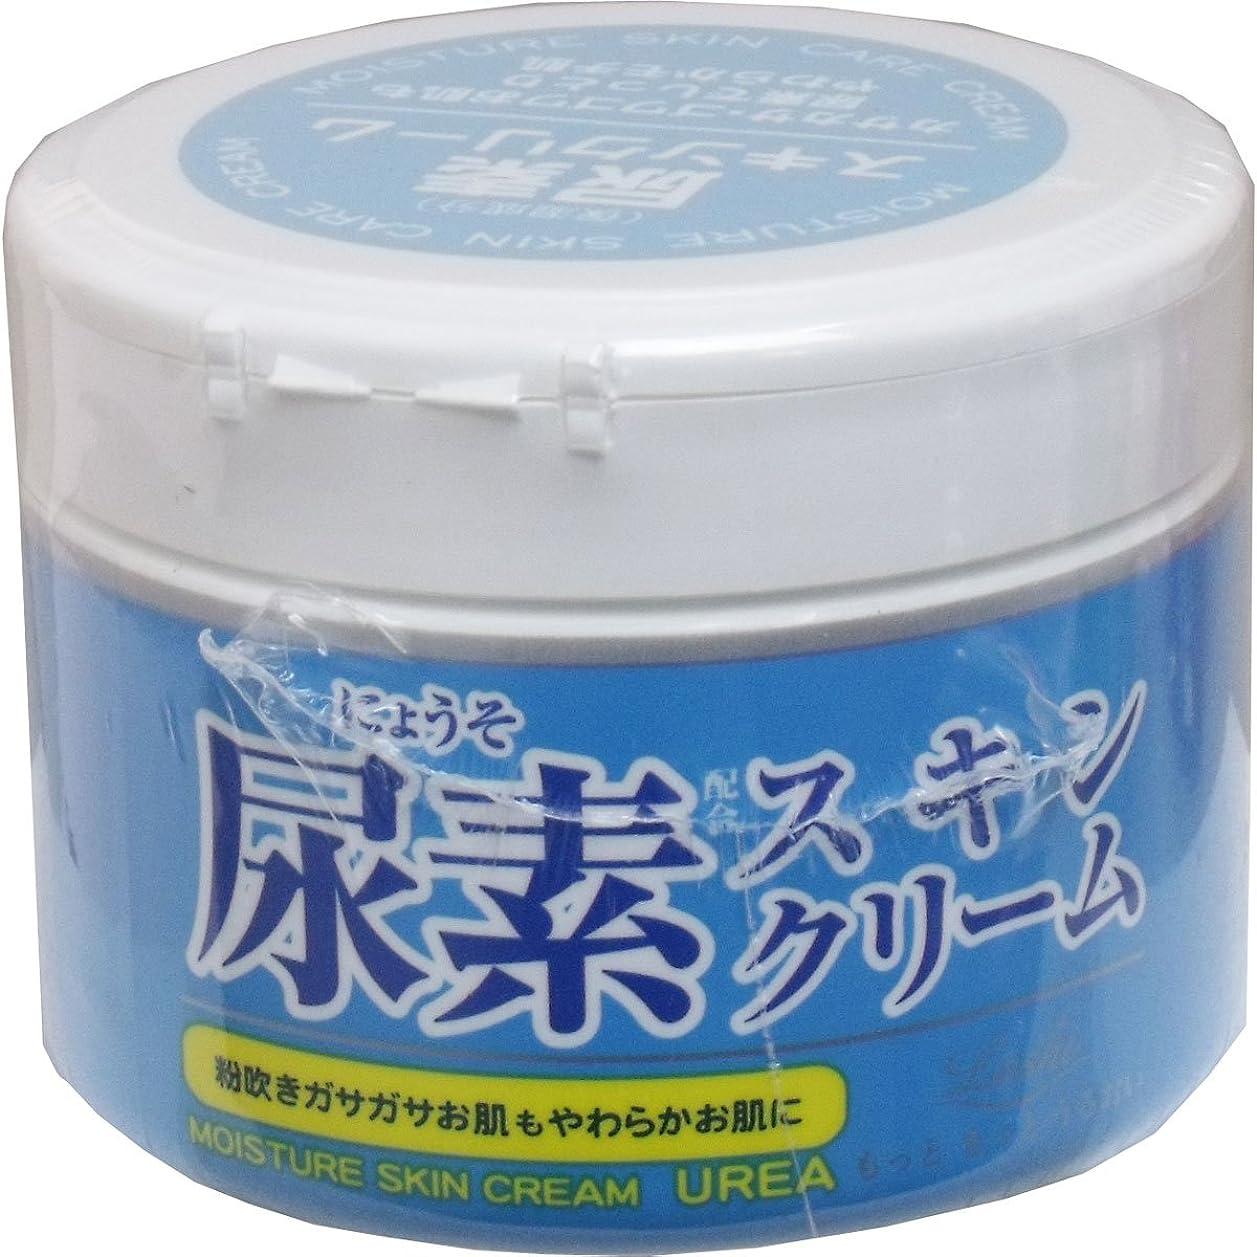 リマーク調整する応じるロッシモイストエイド 尿素スキンクリーム 220g